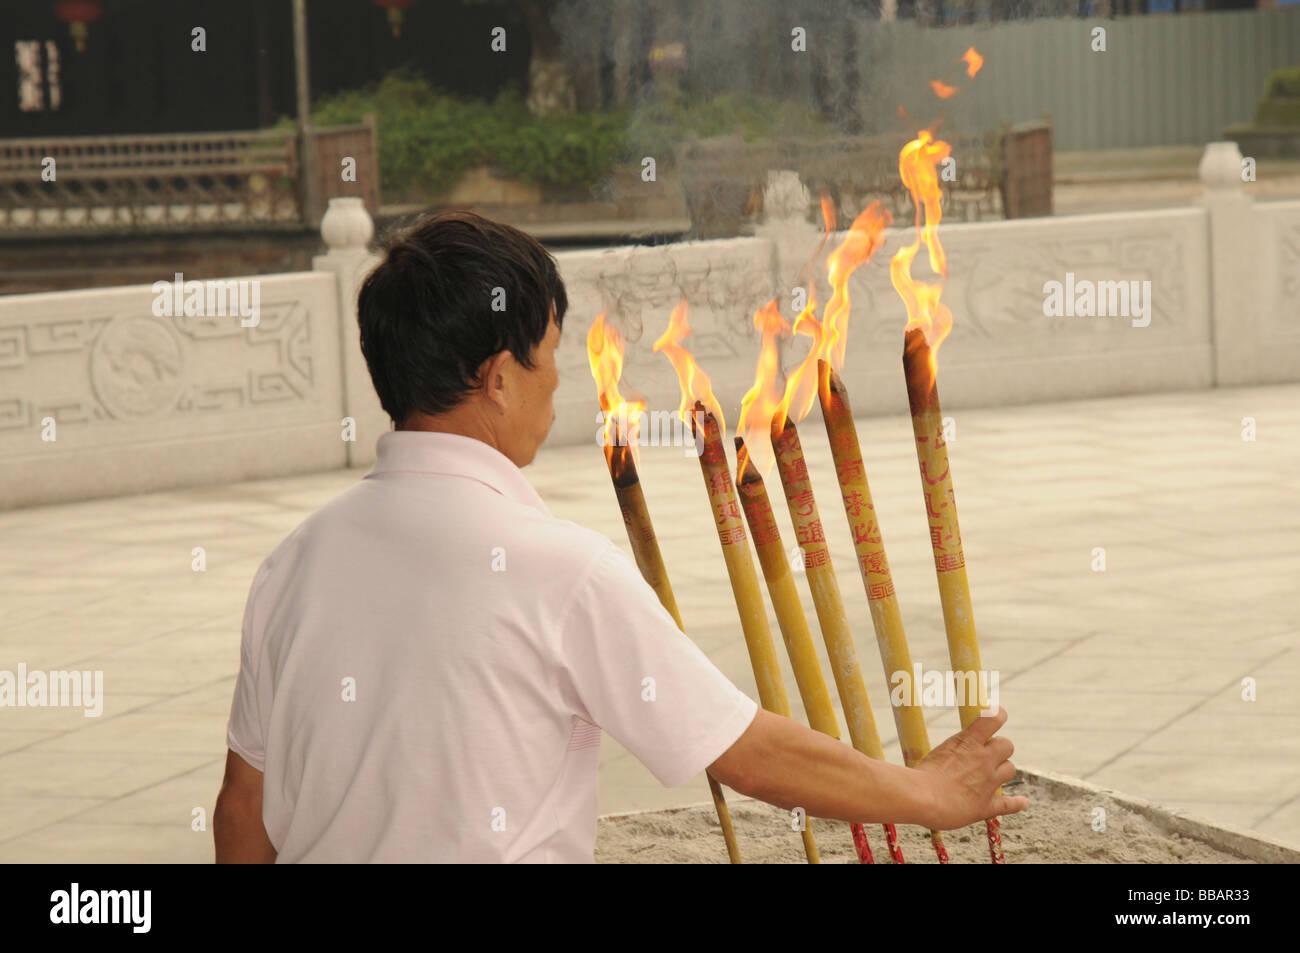 La Cina nella provincia di Zhejiang Wuzhen essenza di masterizzazione in un tempio Immagini Stock